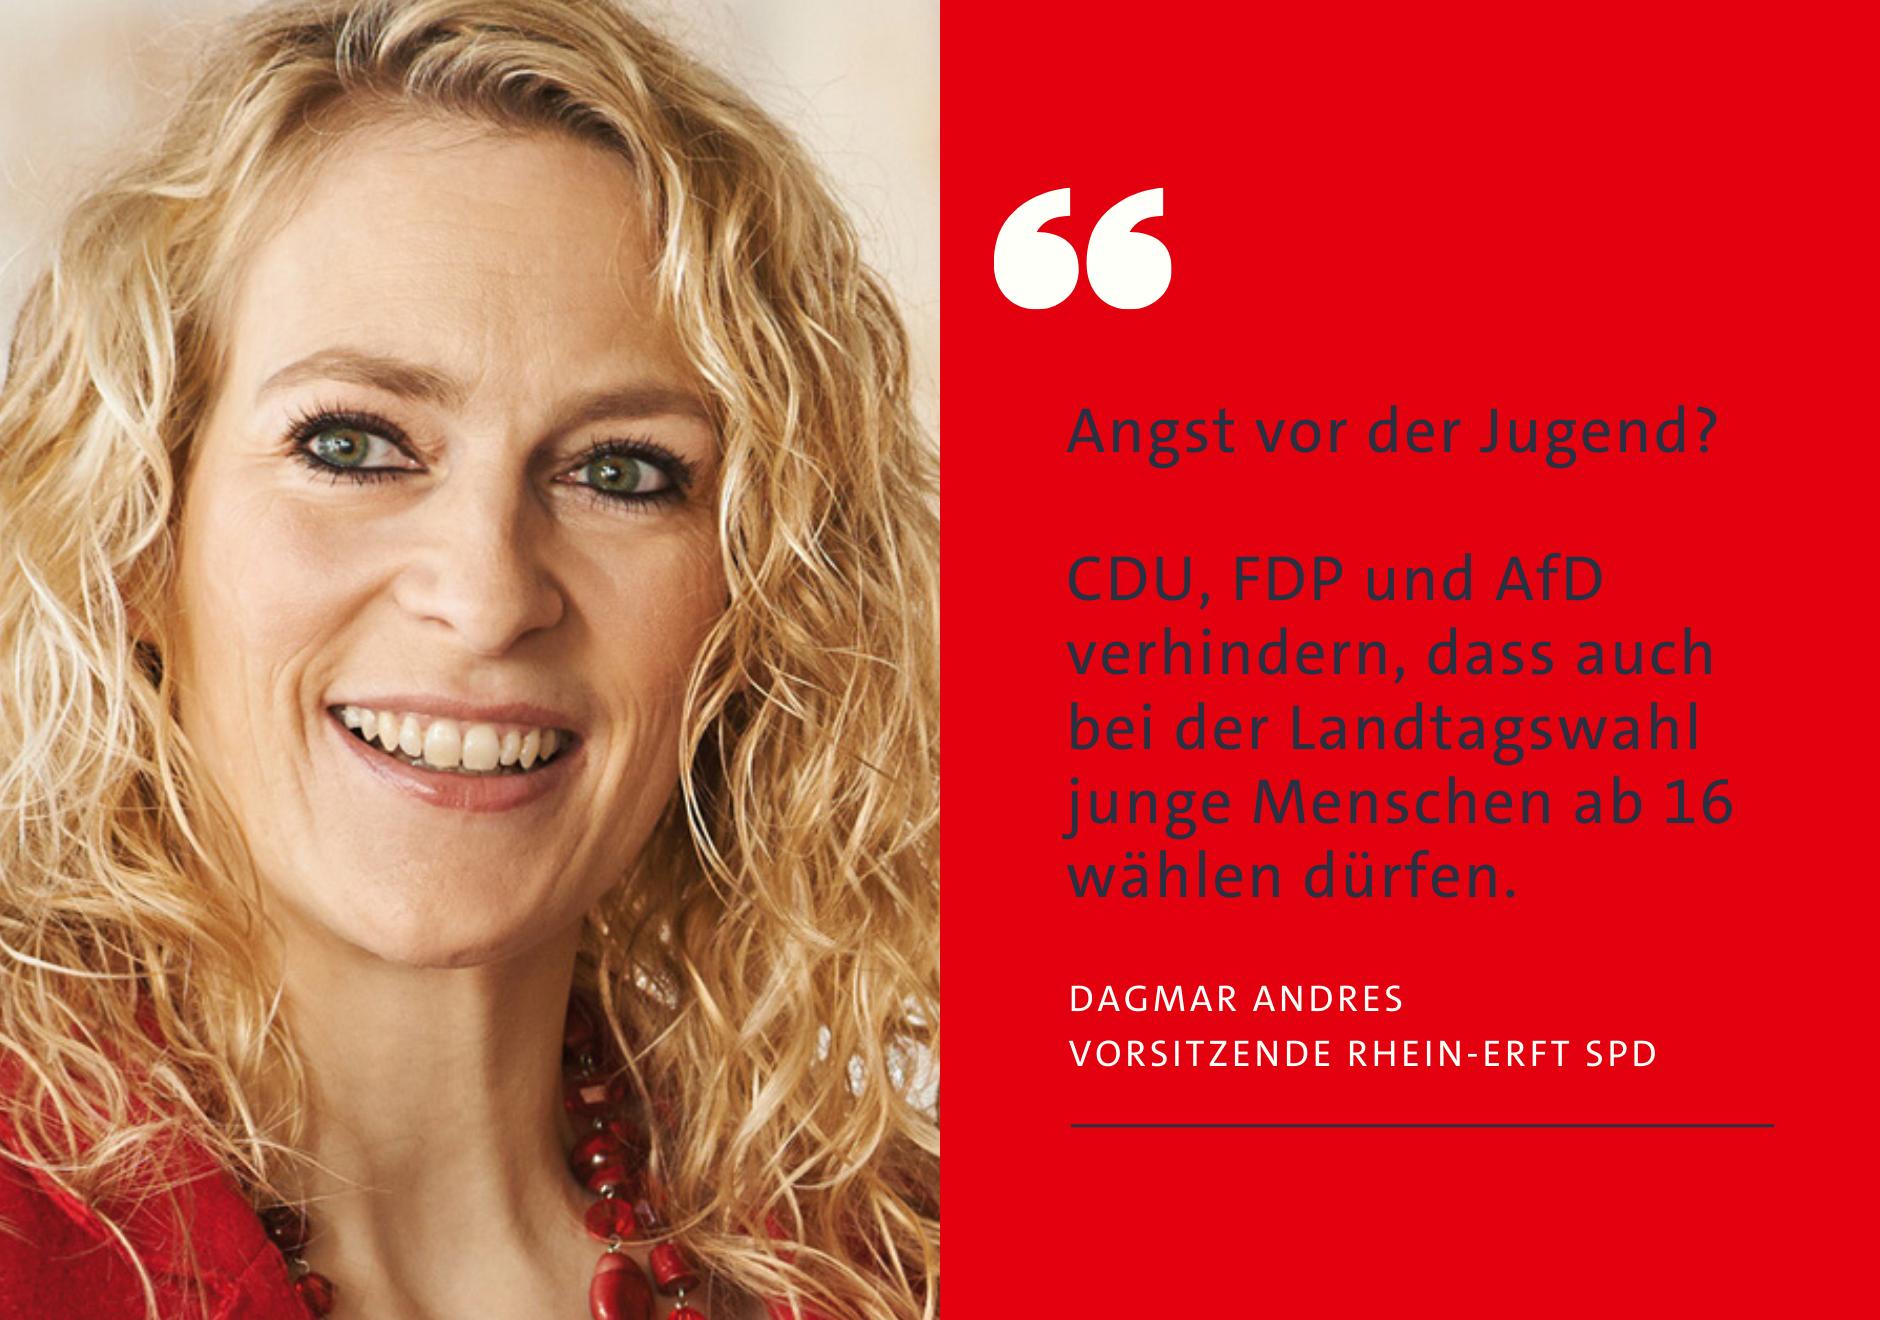 Dagmar Andres: Angst vor der Jugend? CDU, FDP und AfD verhindern, dass auch bei der Landtagswahl ab 16 gewählt werden kann.